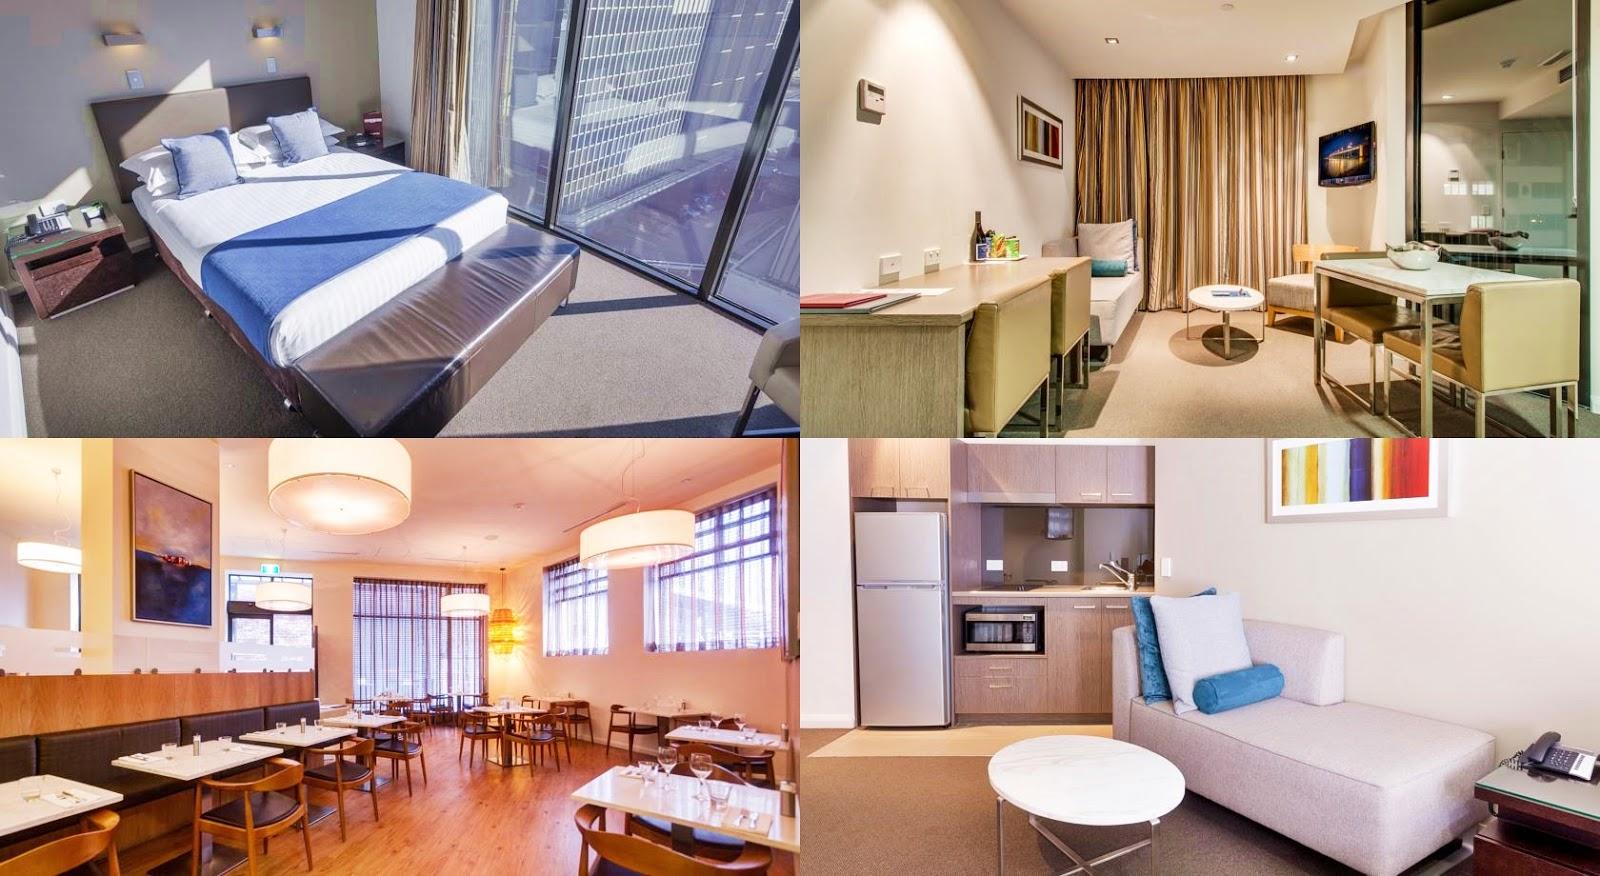 塔斯馬尼亞-住宿-推薦-曼特拉柯林斯酒店-Mantra-Collins-旅館-飯店-酒店-民宿-公寓-澳洲-Tasmania-Hotel-Apartment-Accommodation-Australia